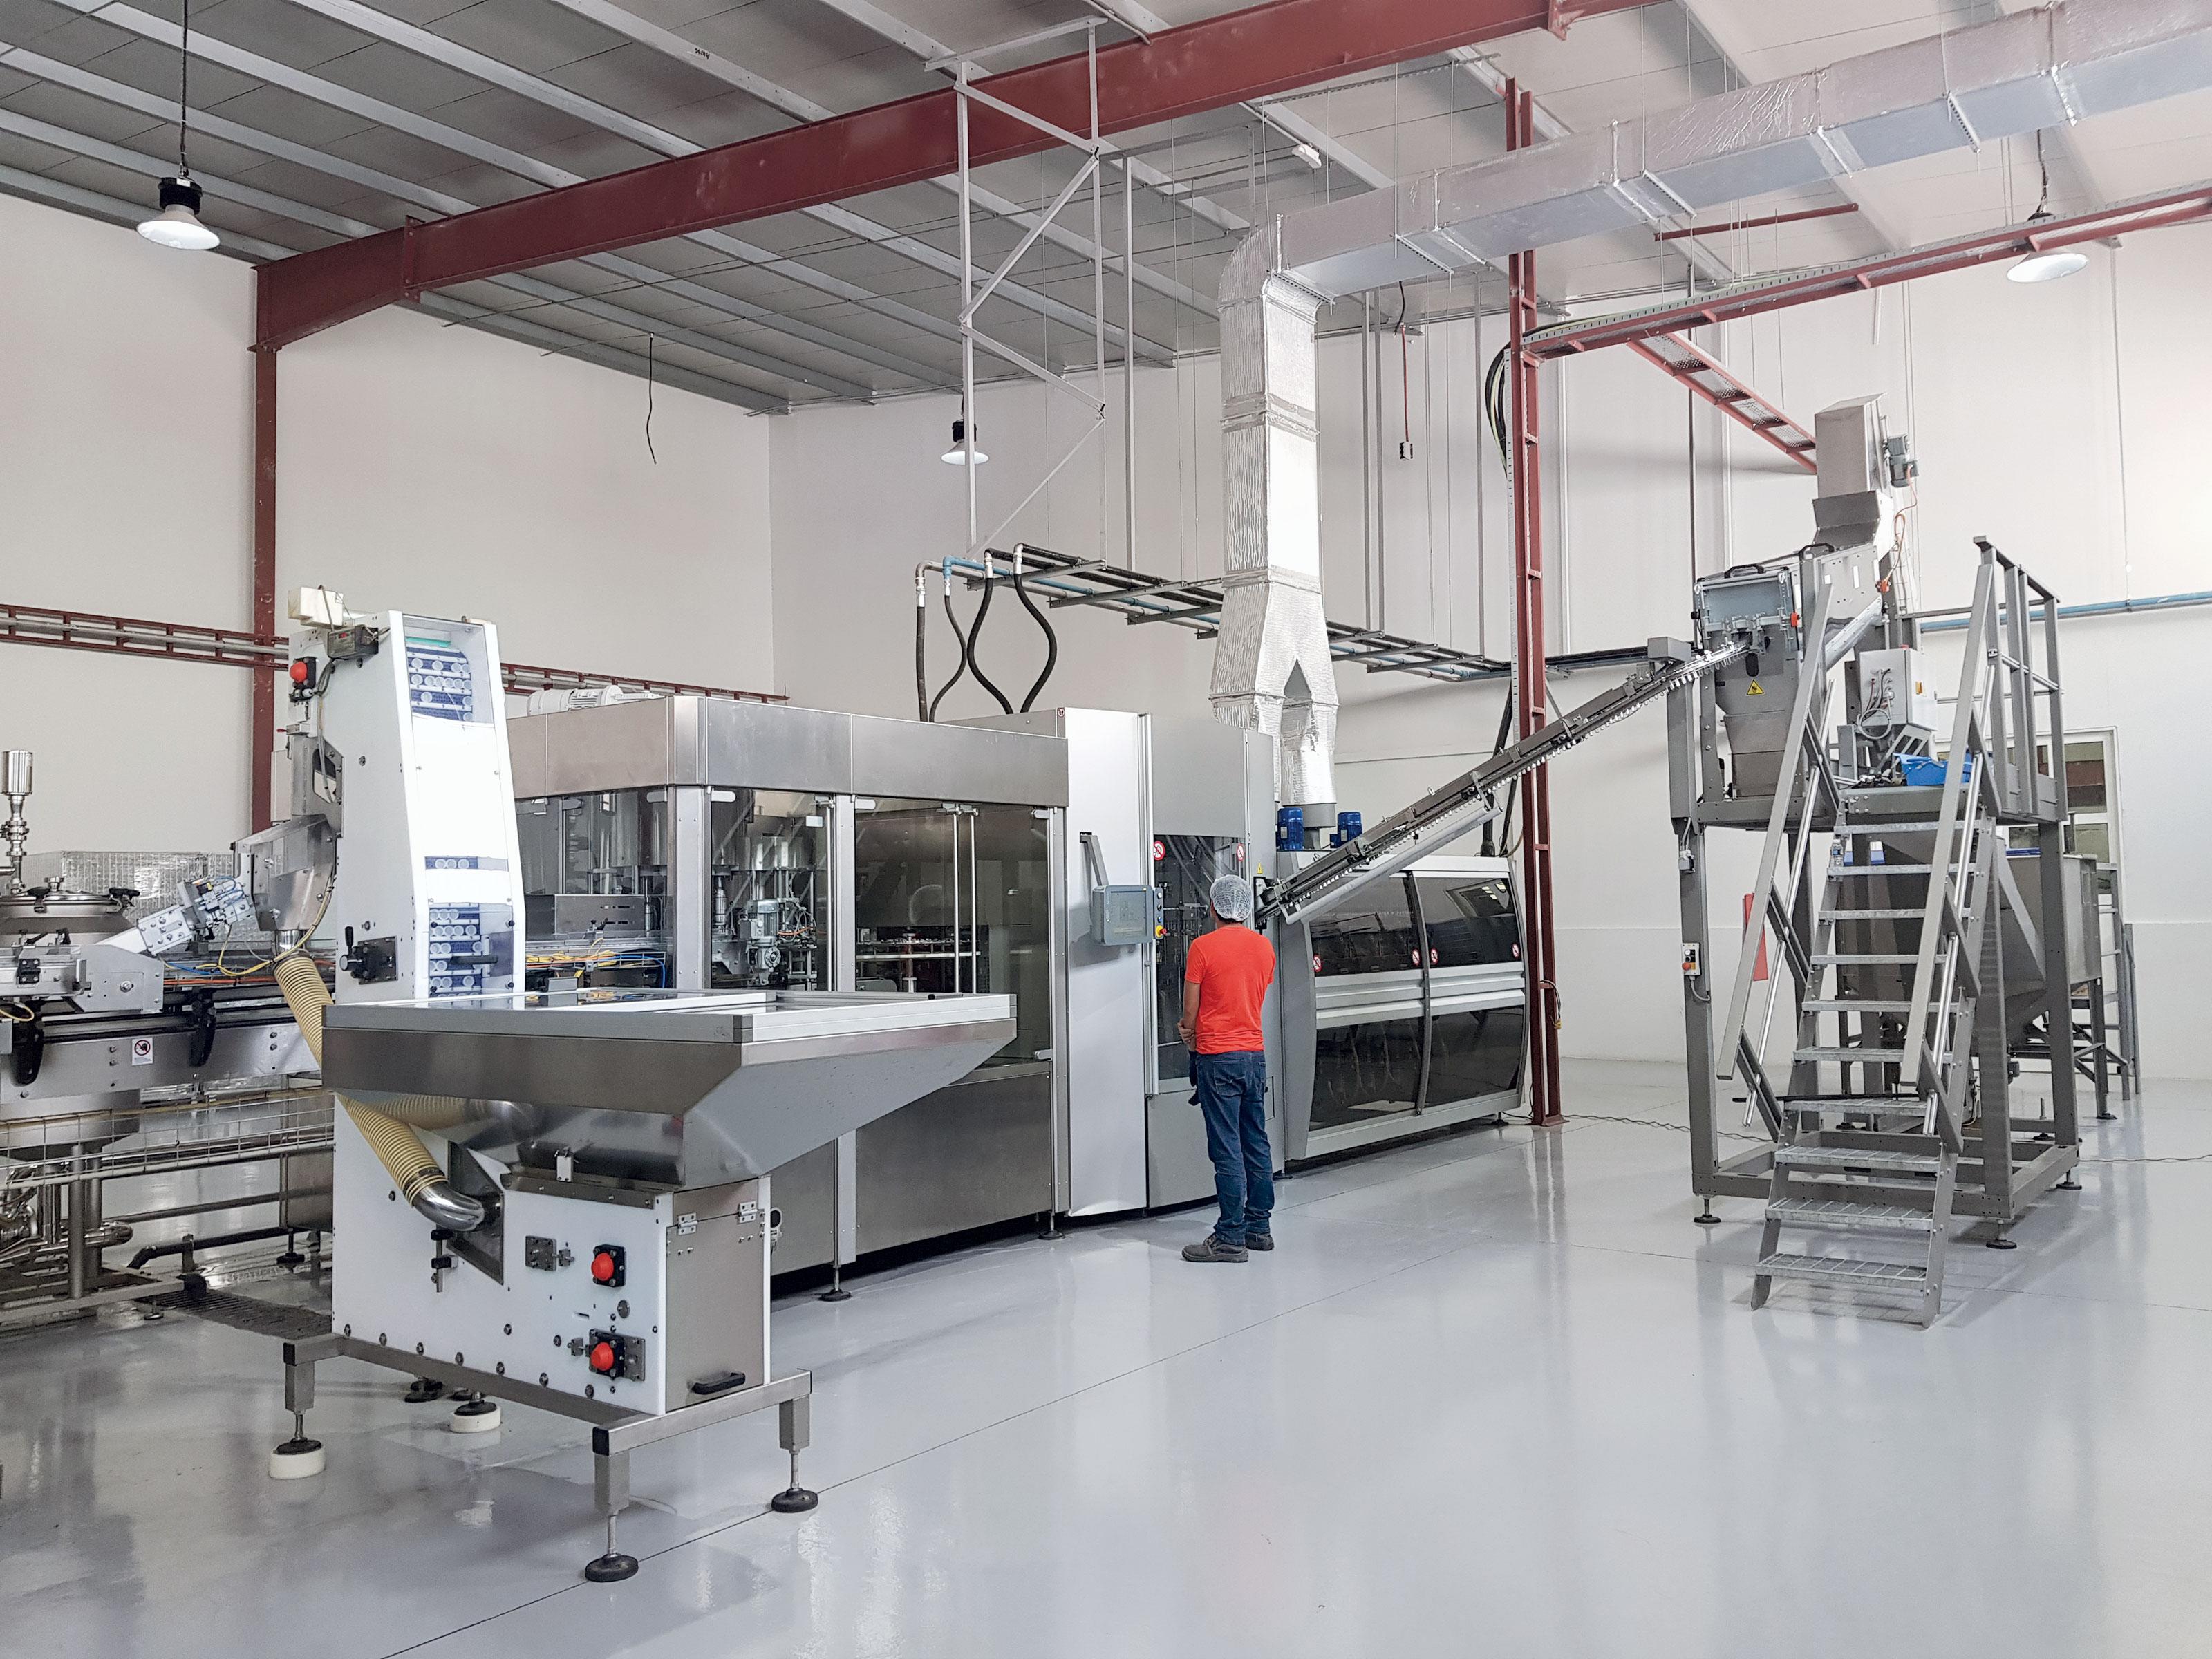 حلول الصناعة 4.0 التي تزيد من ربحية الإنتاج الم